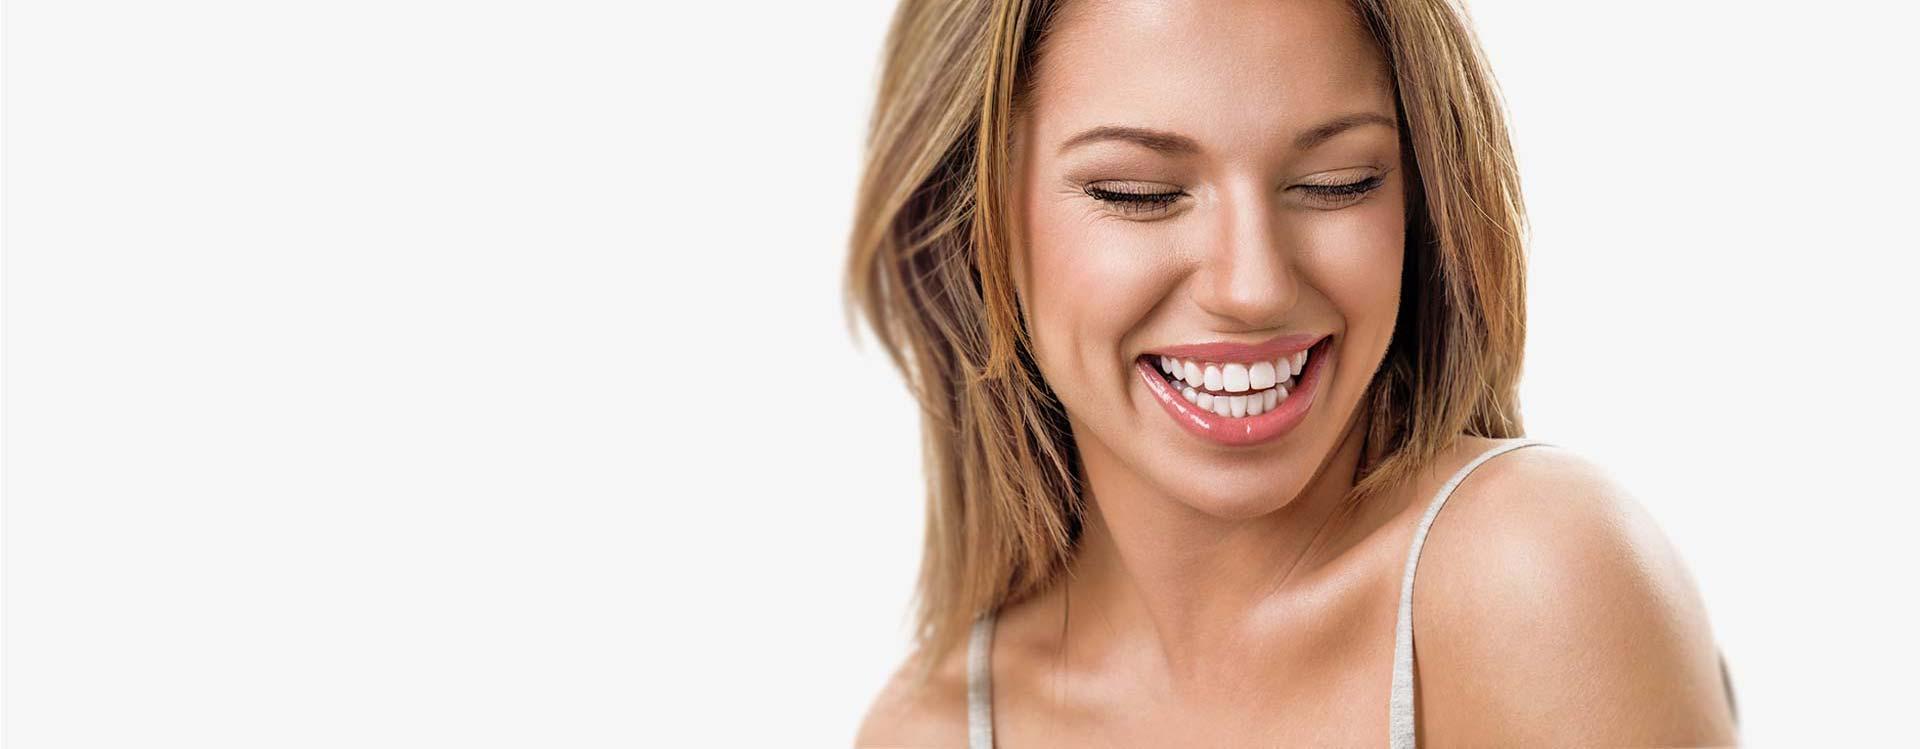 Perfecte Glimlach